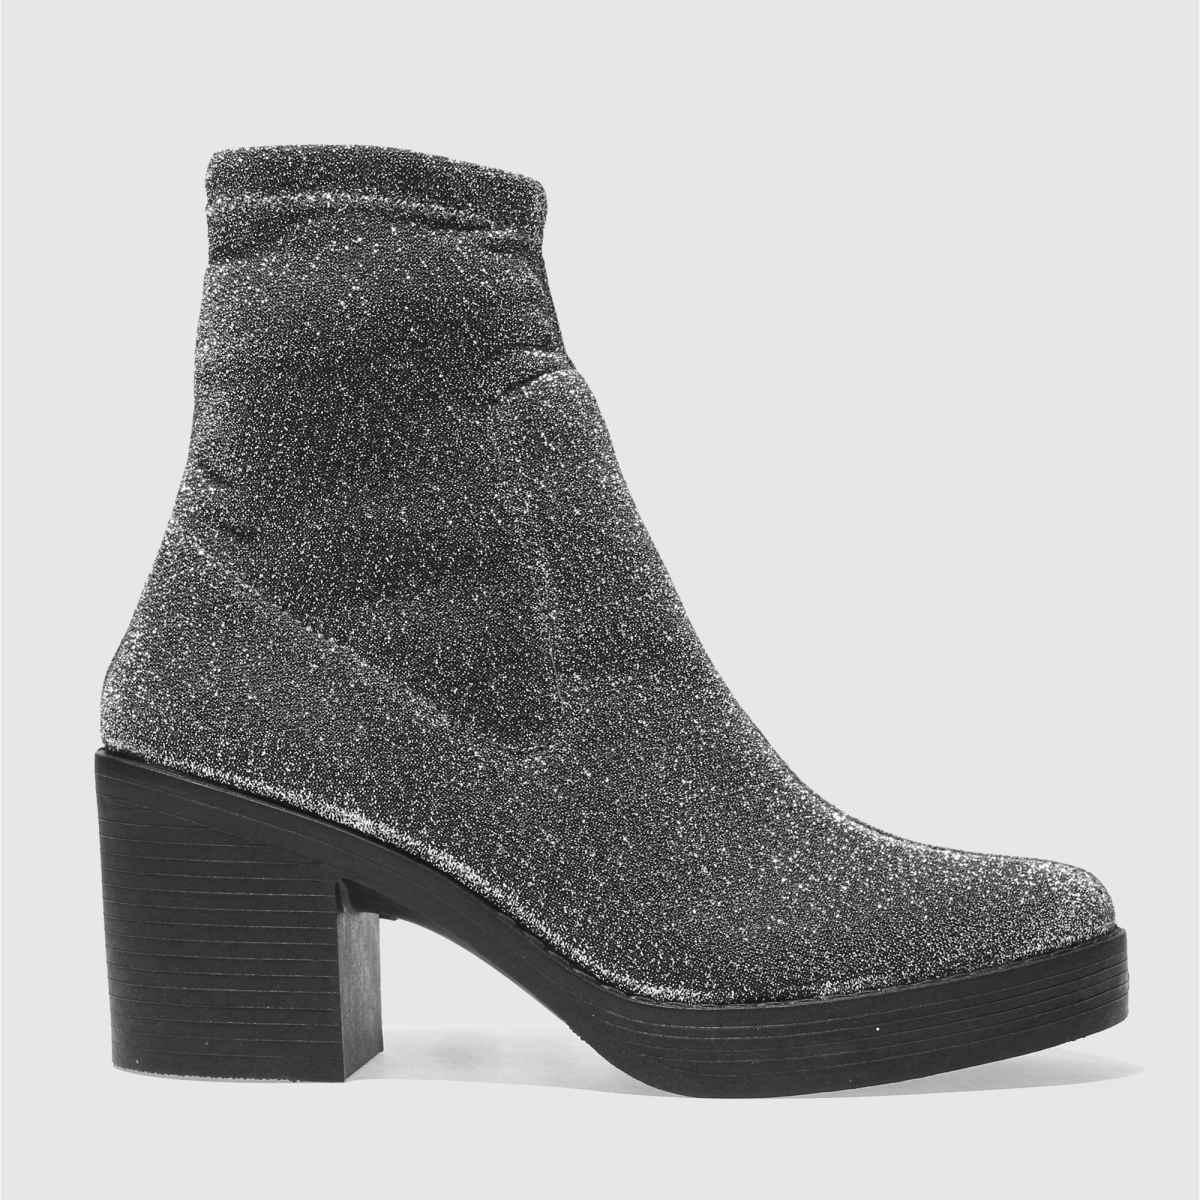 schuh Schuh Silver Winning Boots